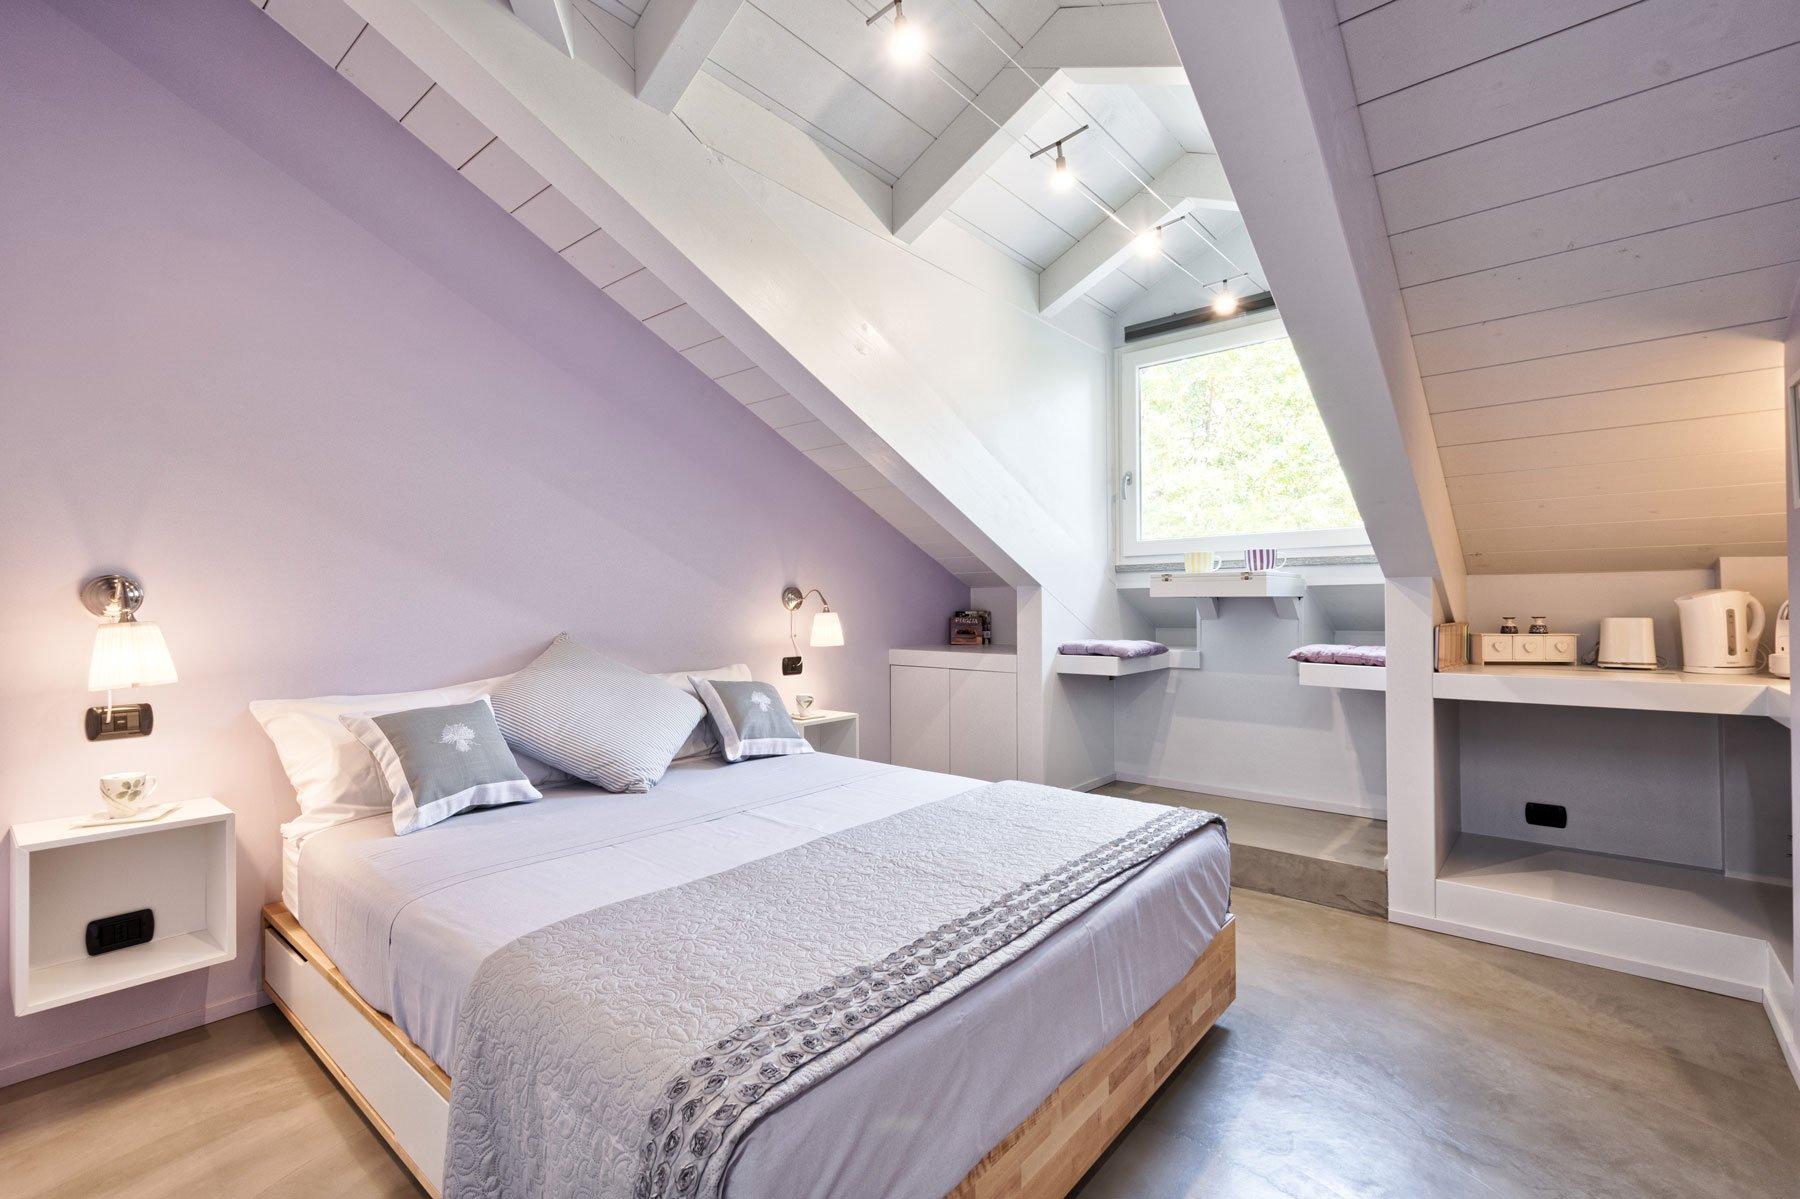 Afrodite superior room